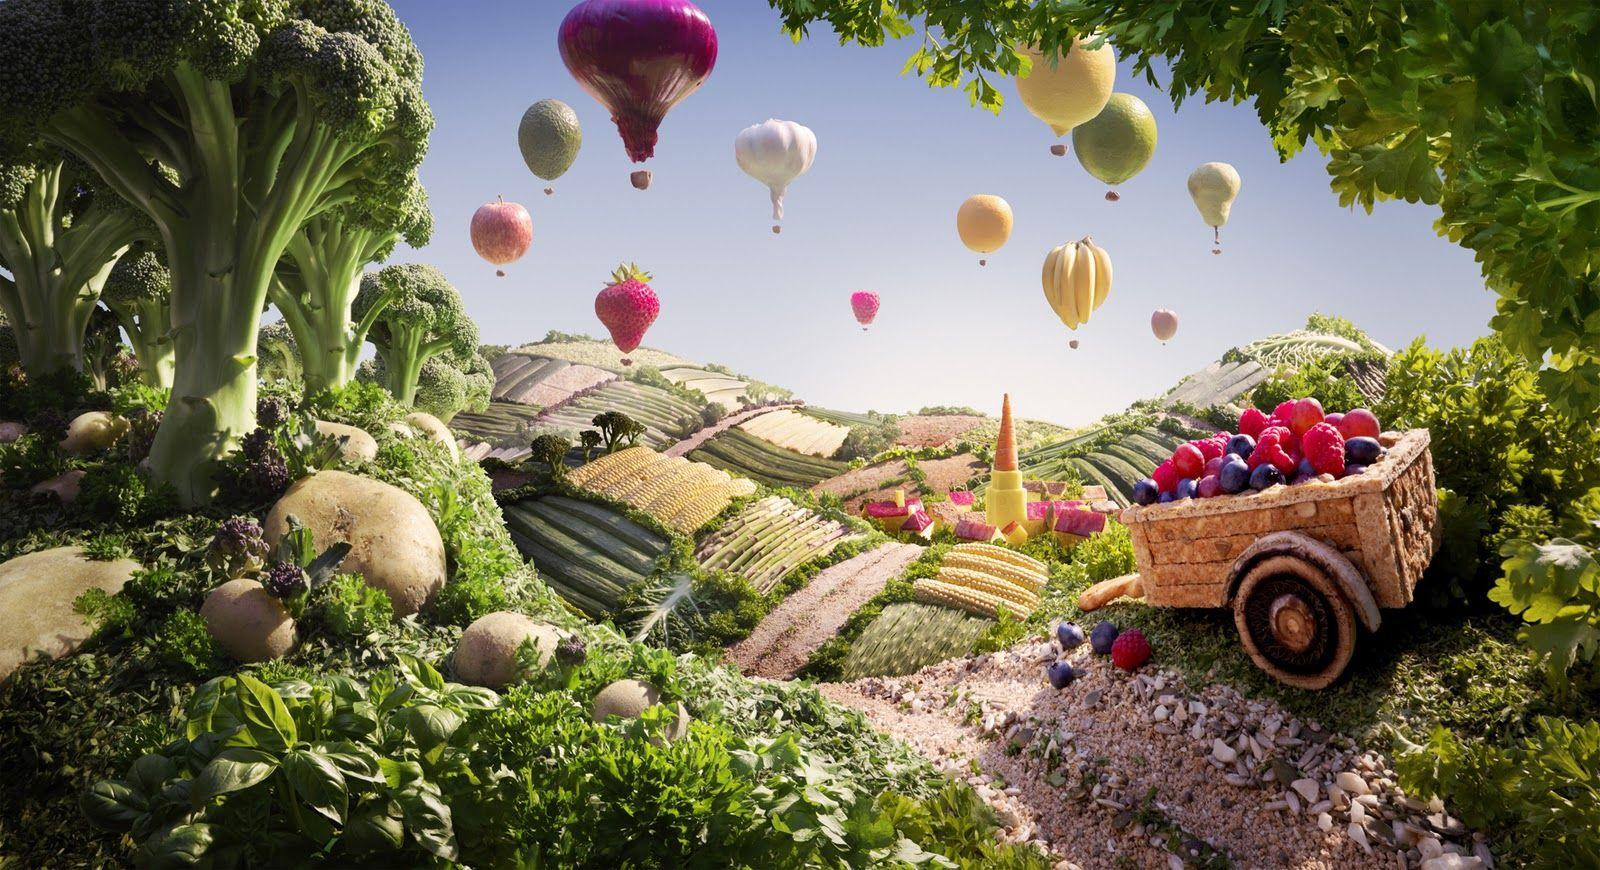 Opere d'arte fatte di cibo: le foto più belle